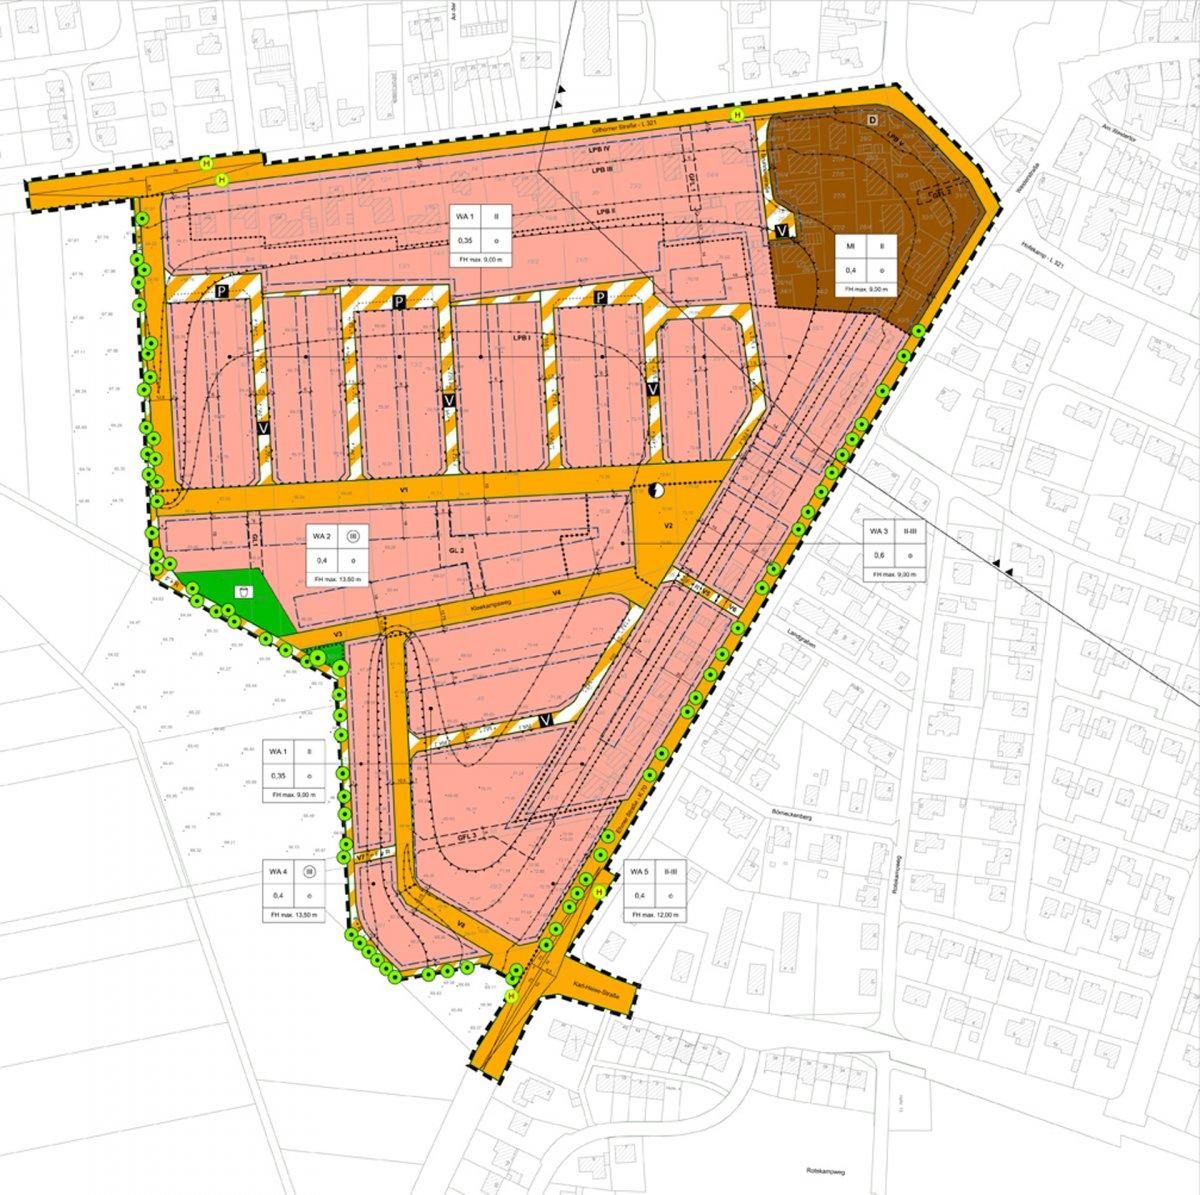 Planzeichnung zum Bebauungsplan